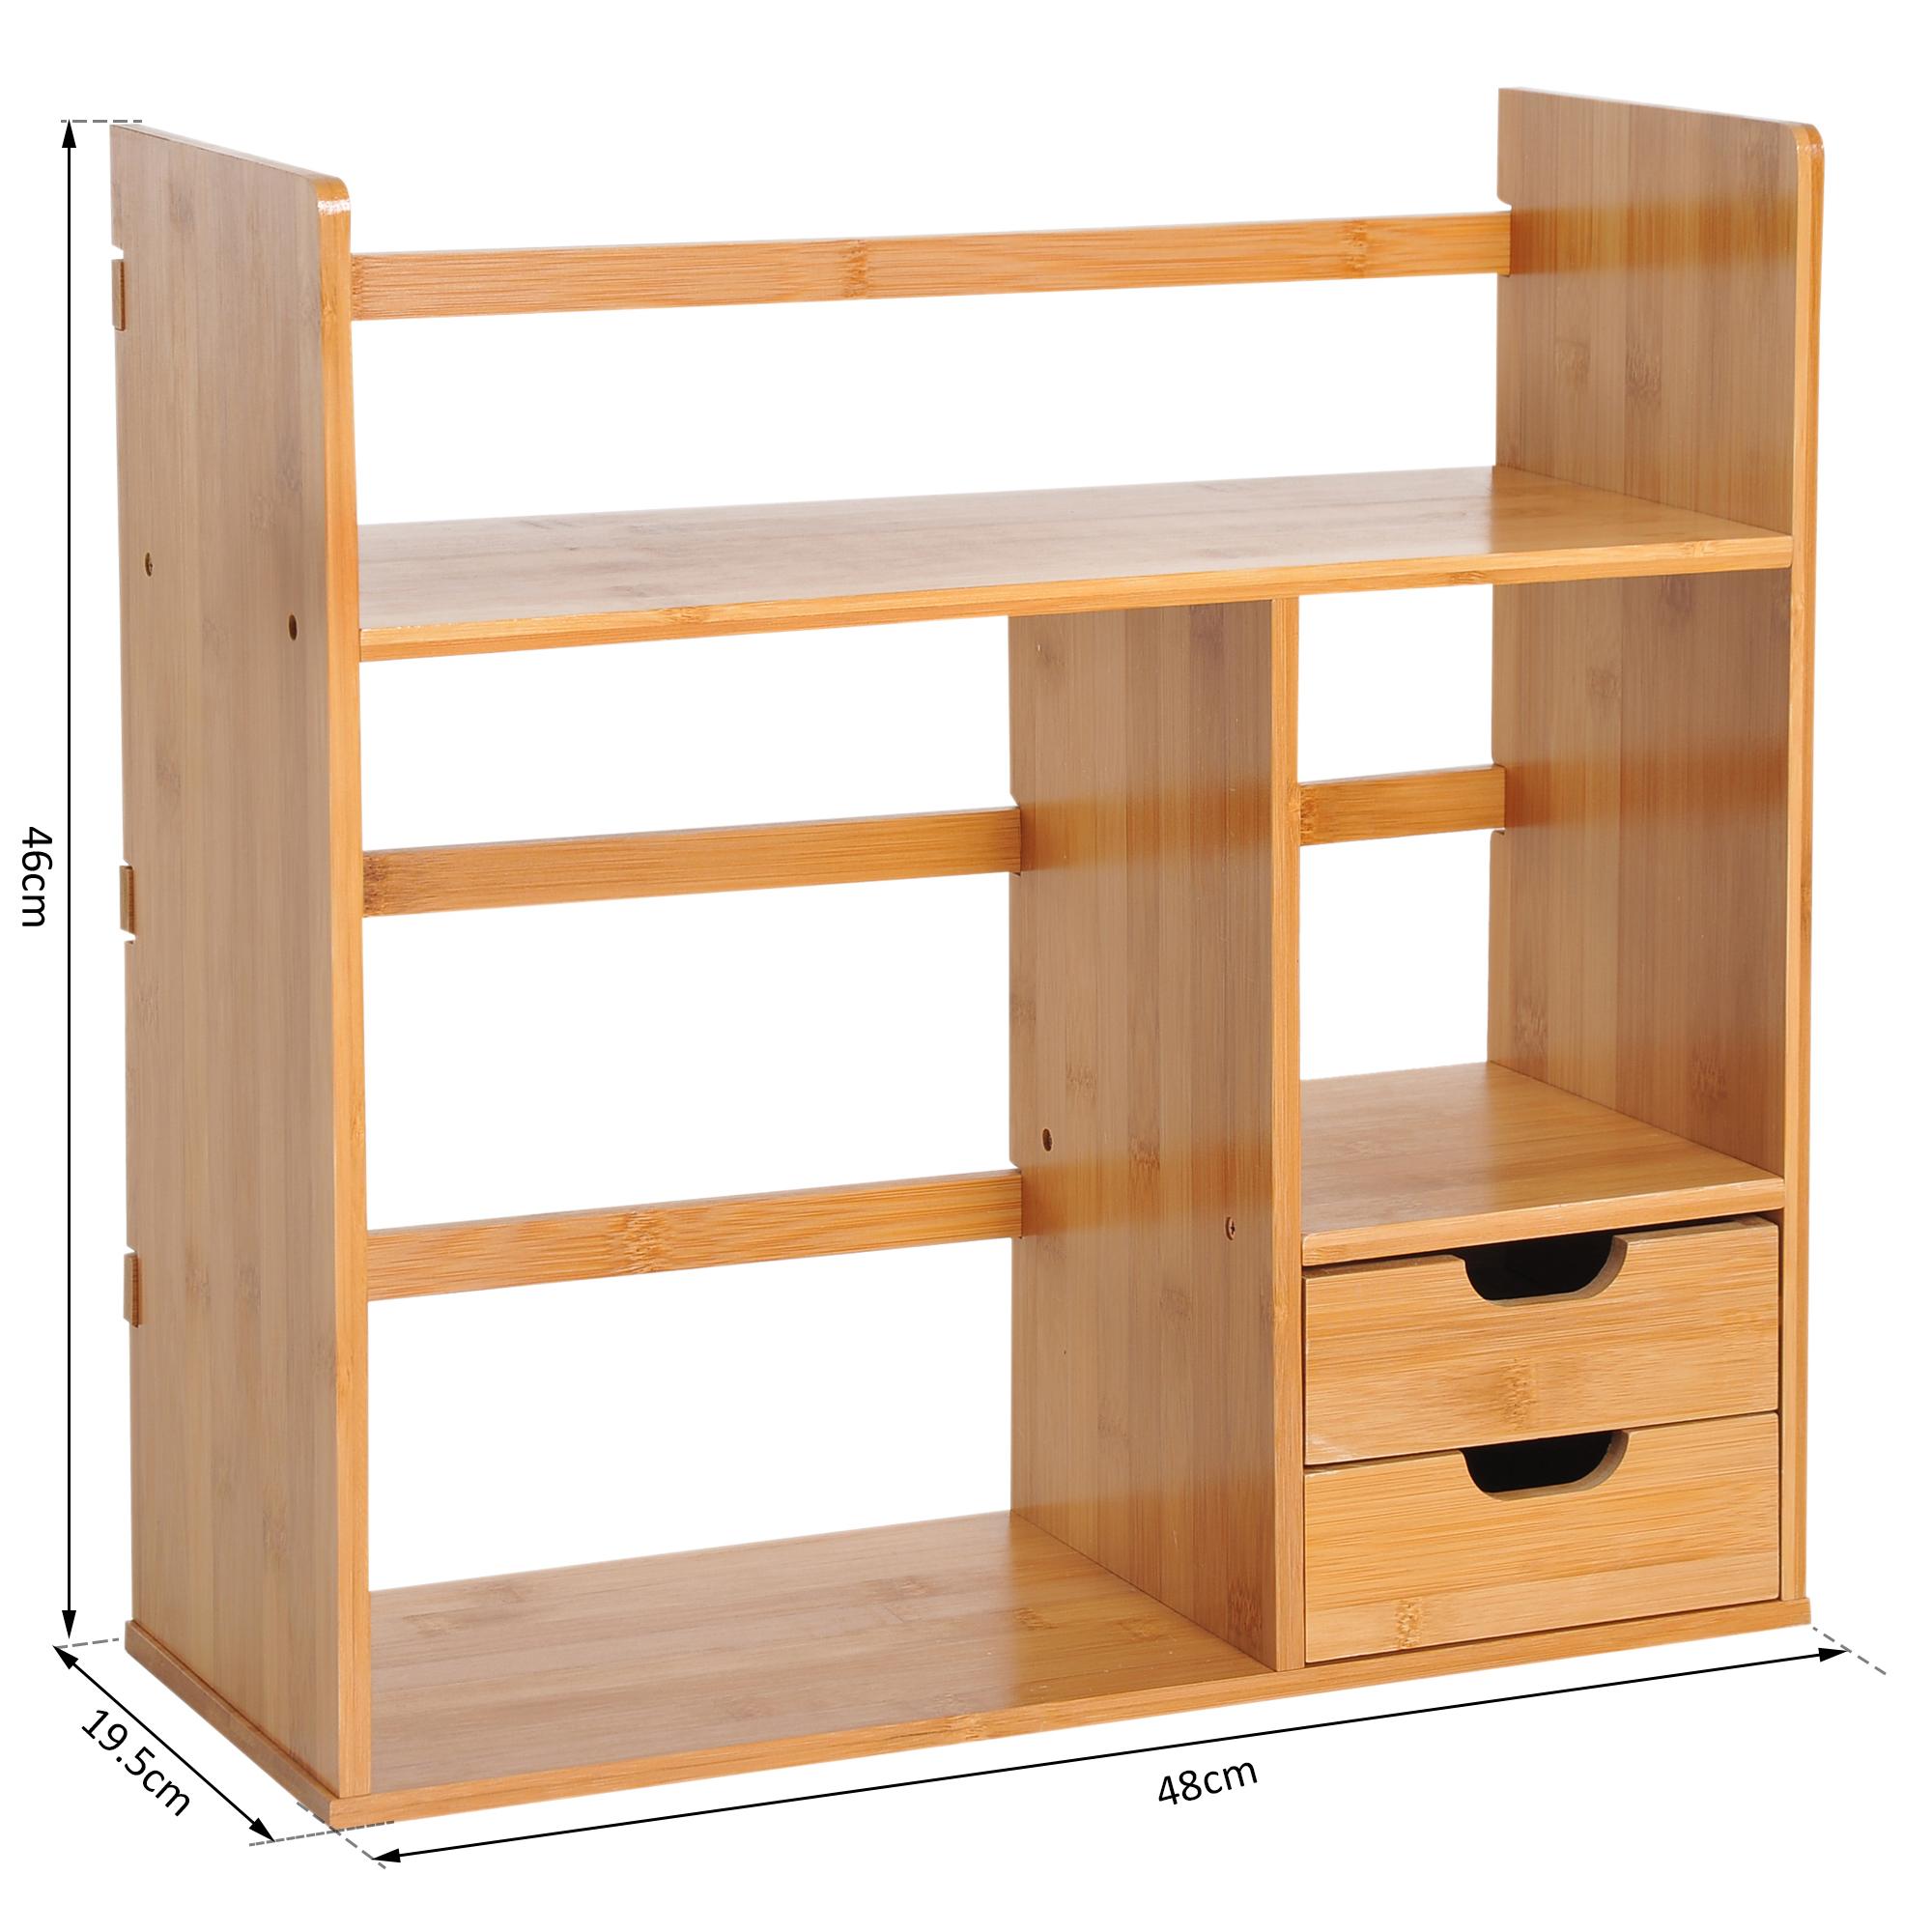 98dbe0755 Organizador de Escritorio Mesa de Bambú para Oficina Libros